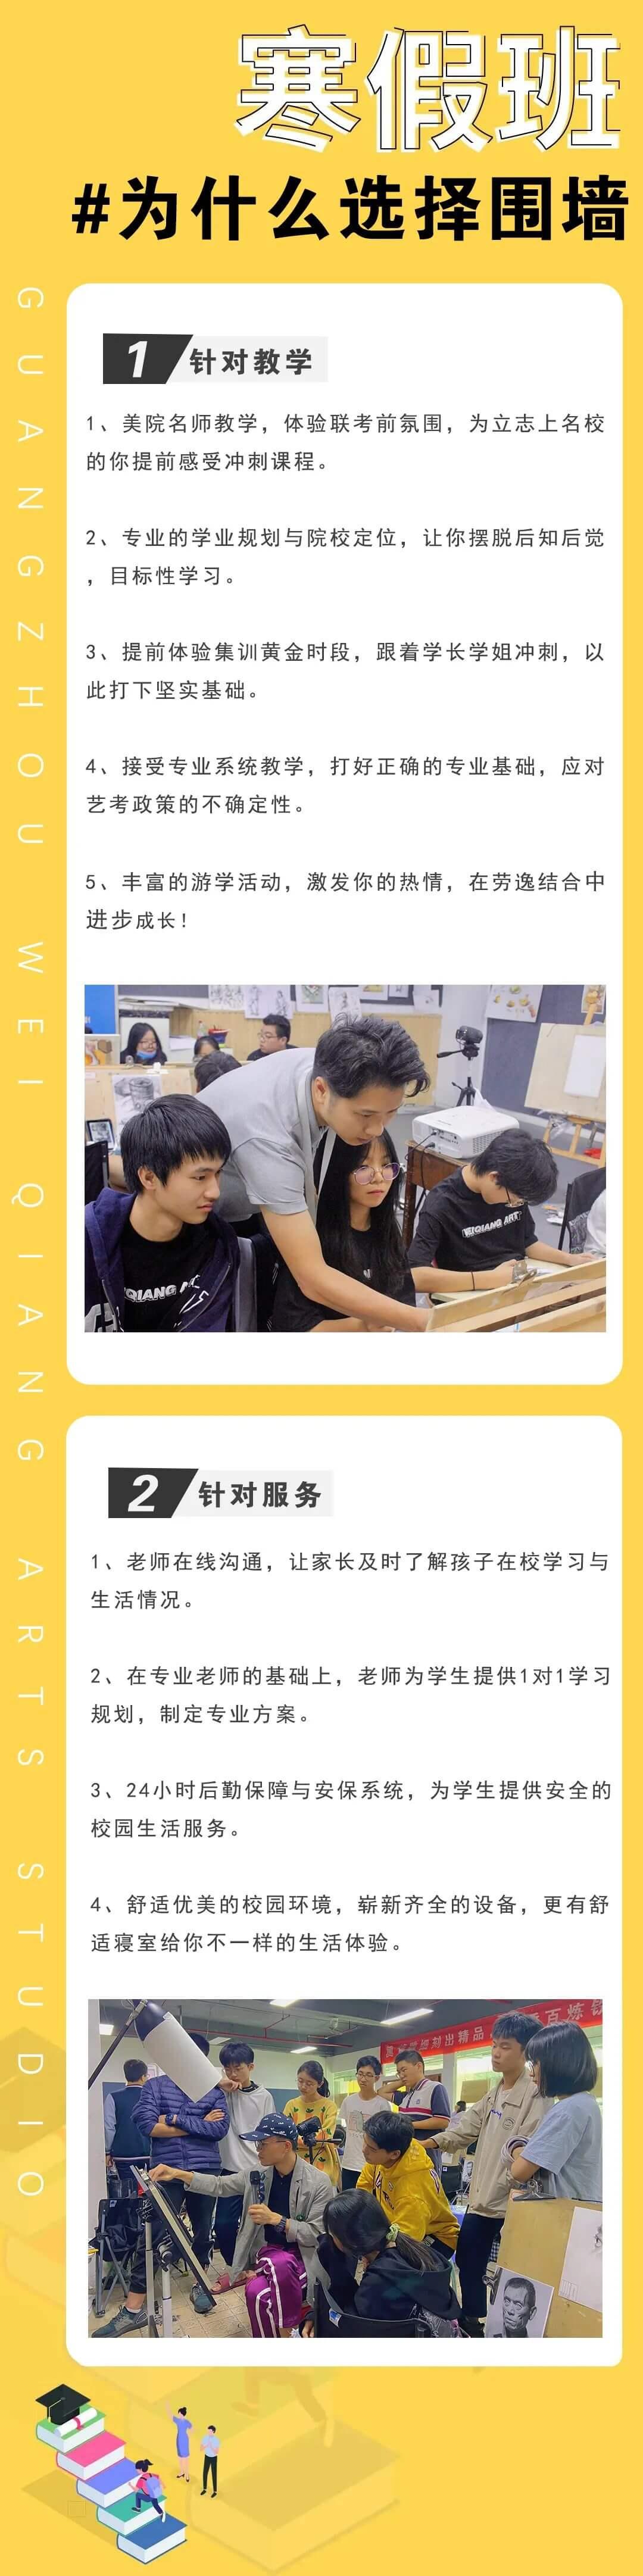 【广州围墙画室寒假班预报名已开启】为梦而生,传奇由你缔造附图4